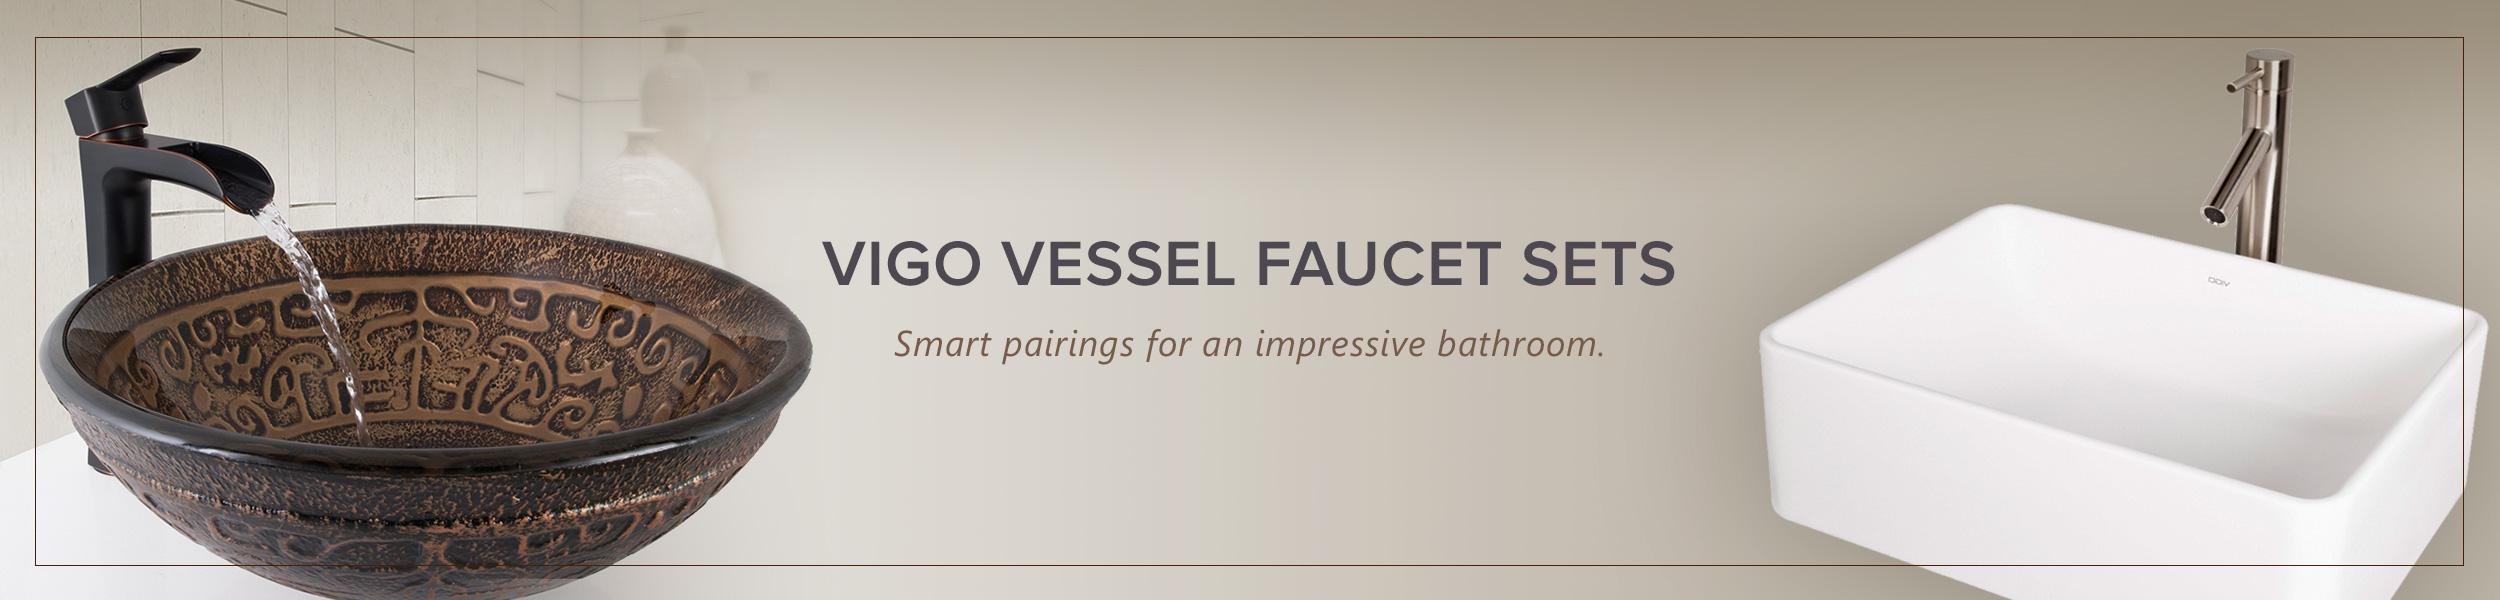 Vessel Faucet Sets